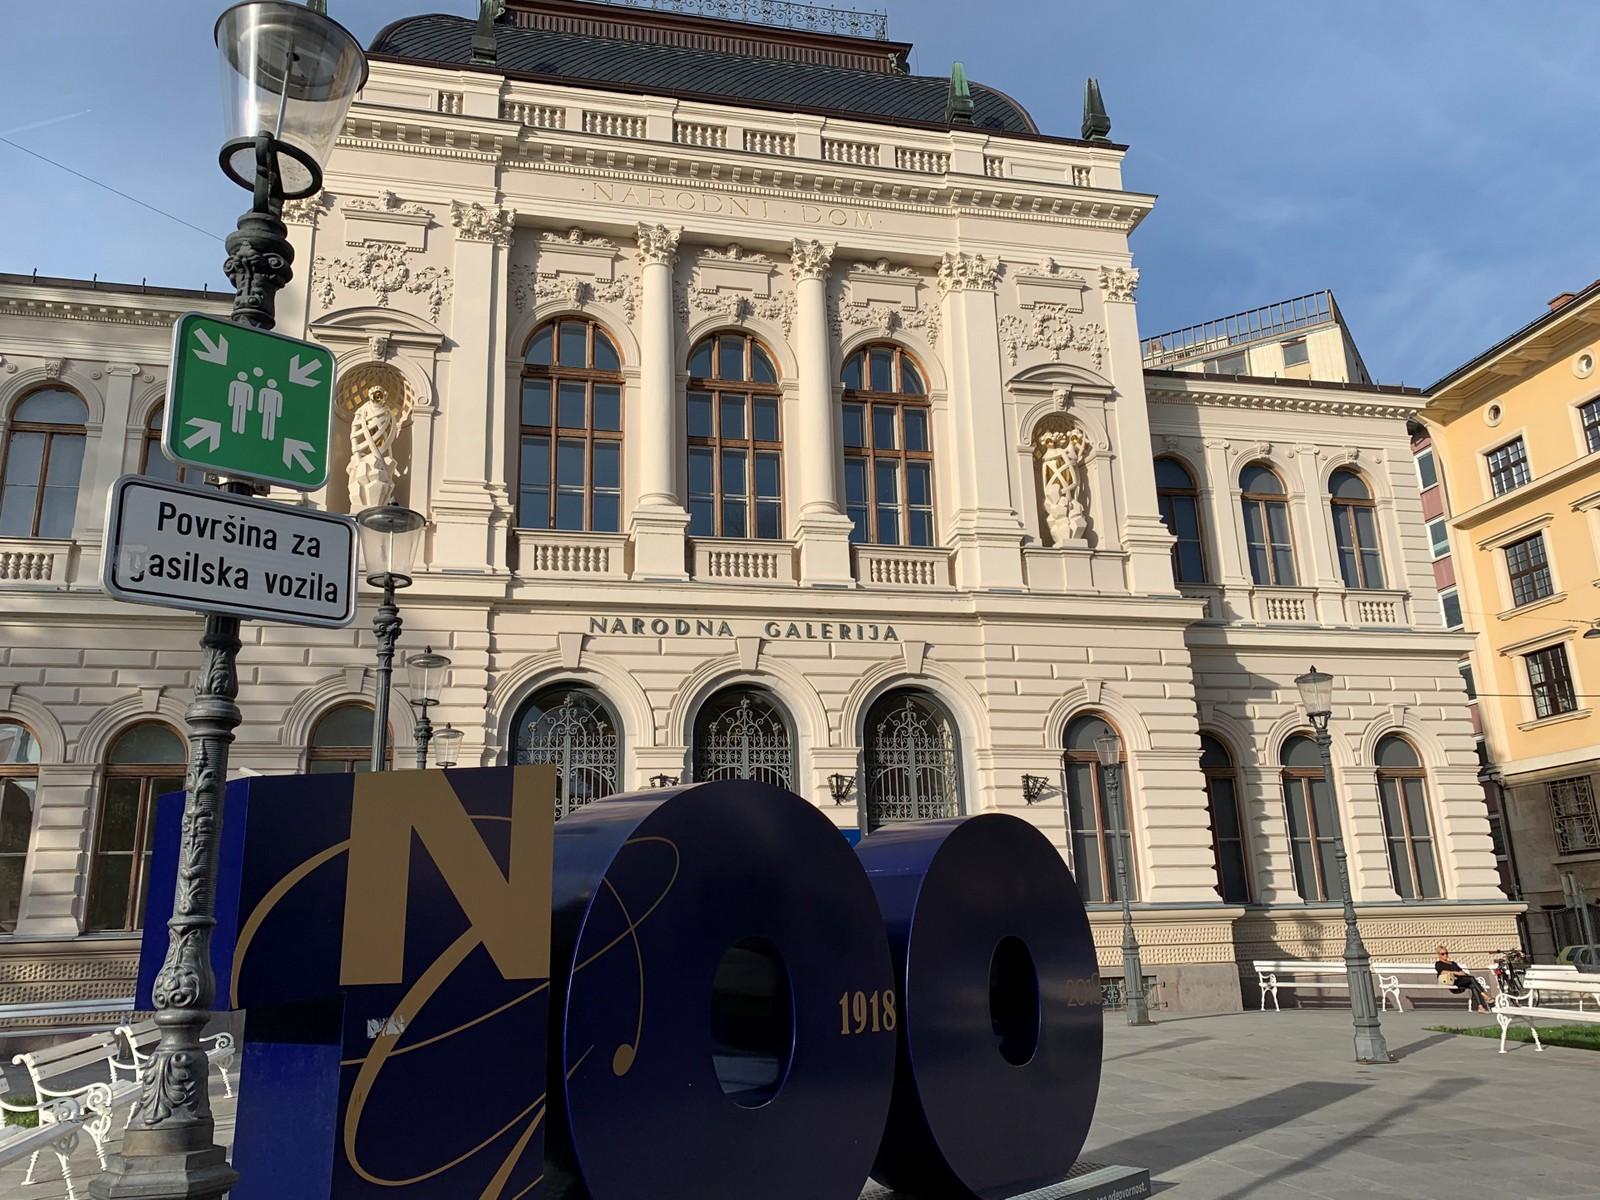 Ljubljana - National Galerie